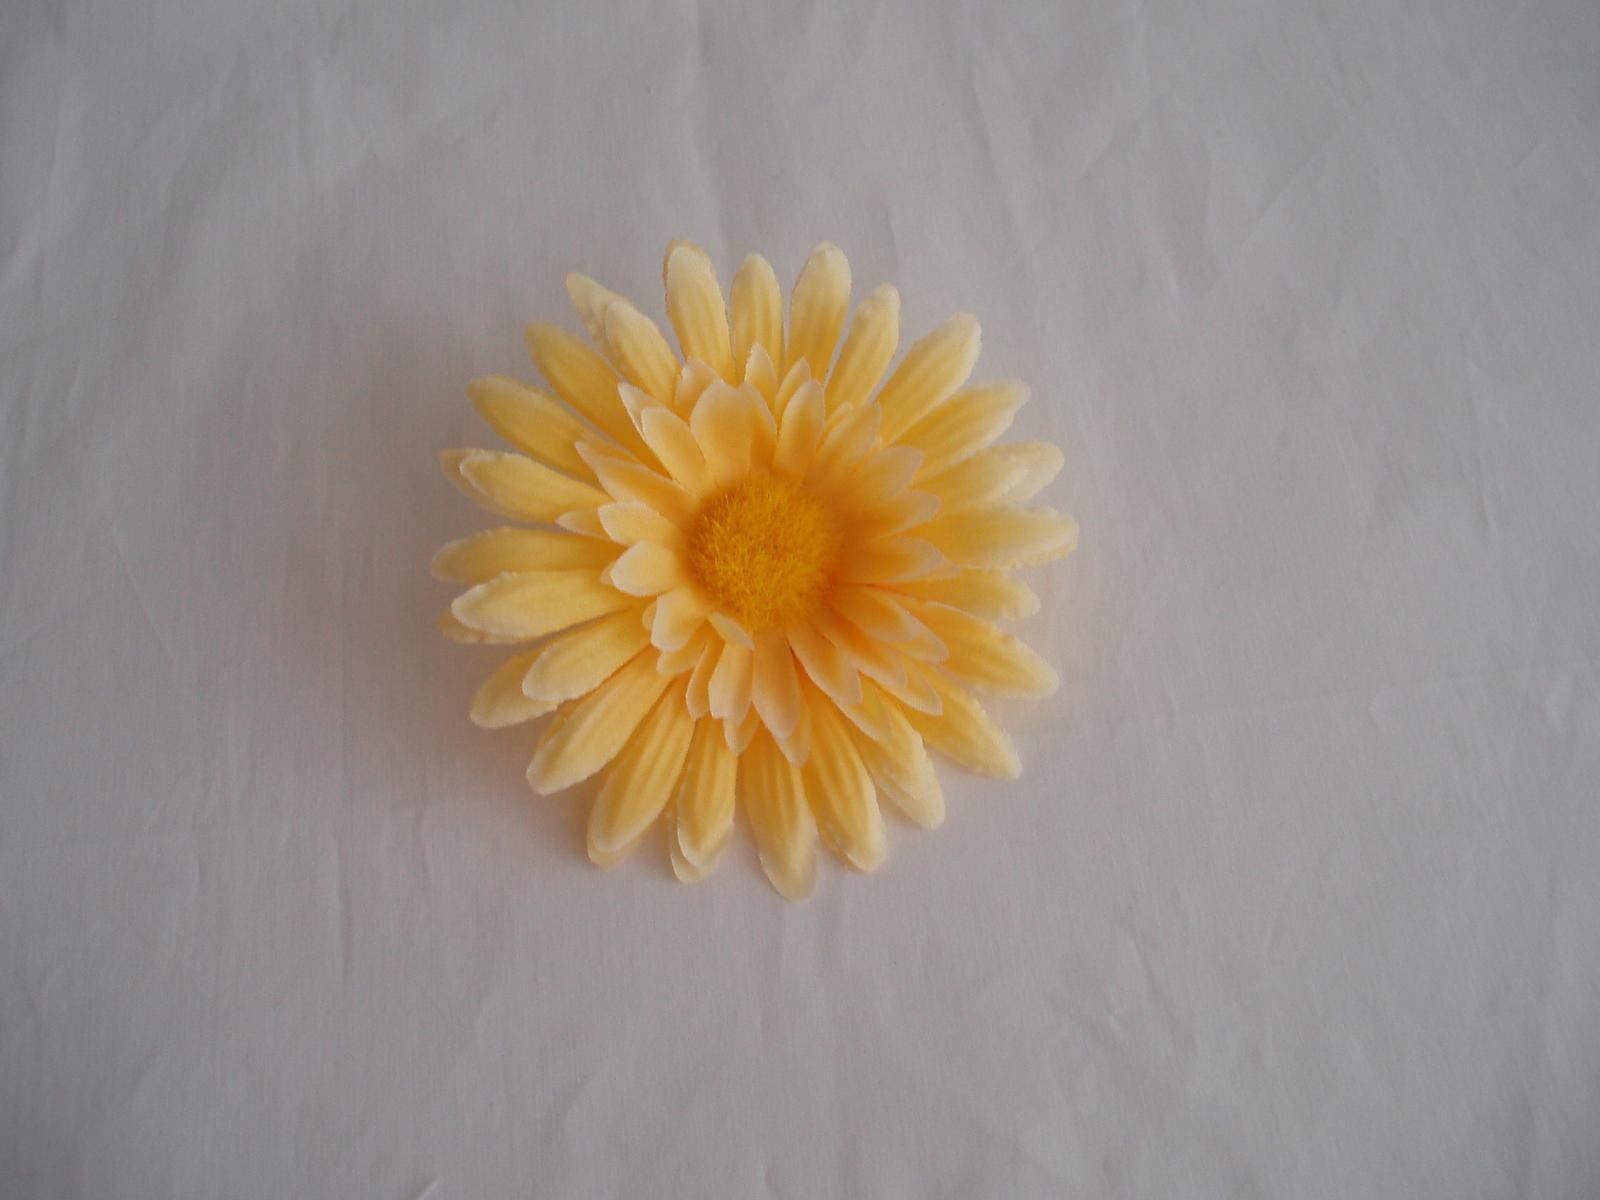 květ gerbery - Obrázek č. 1